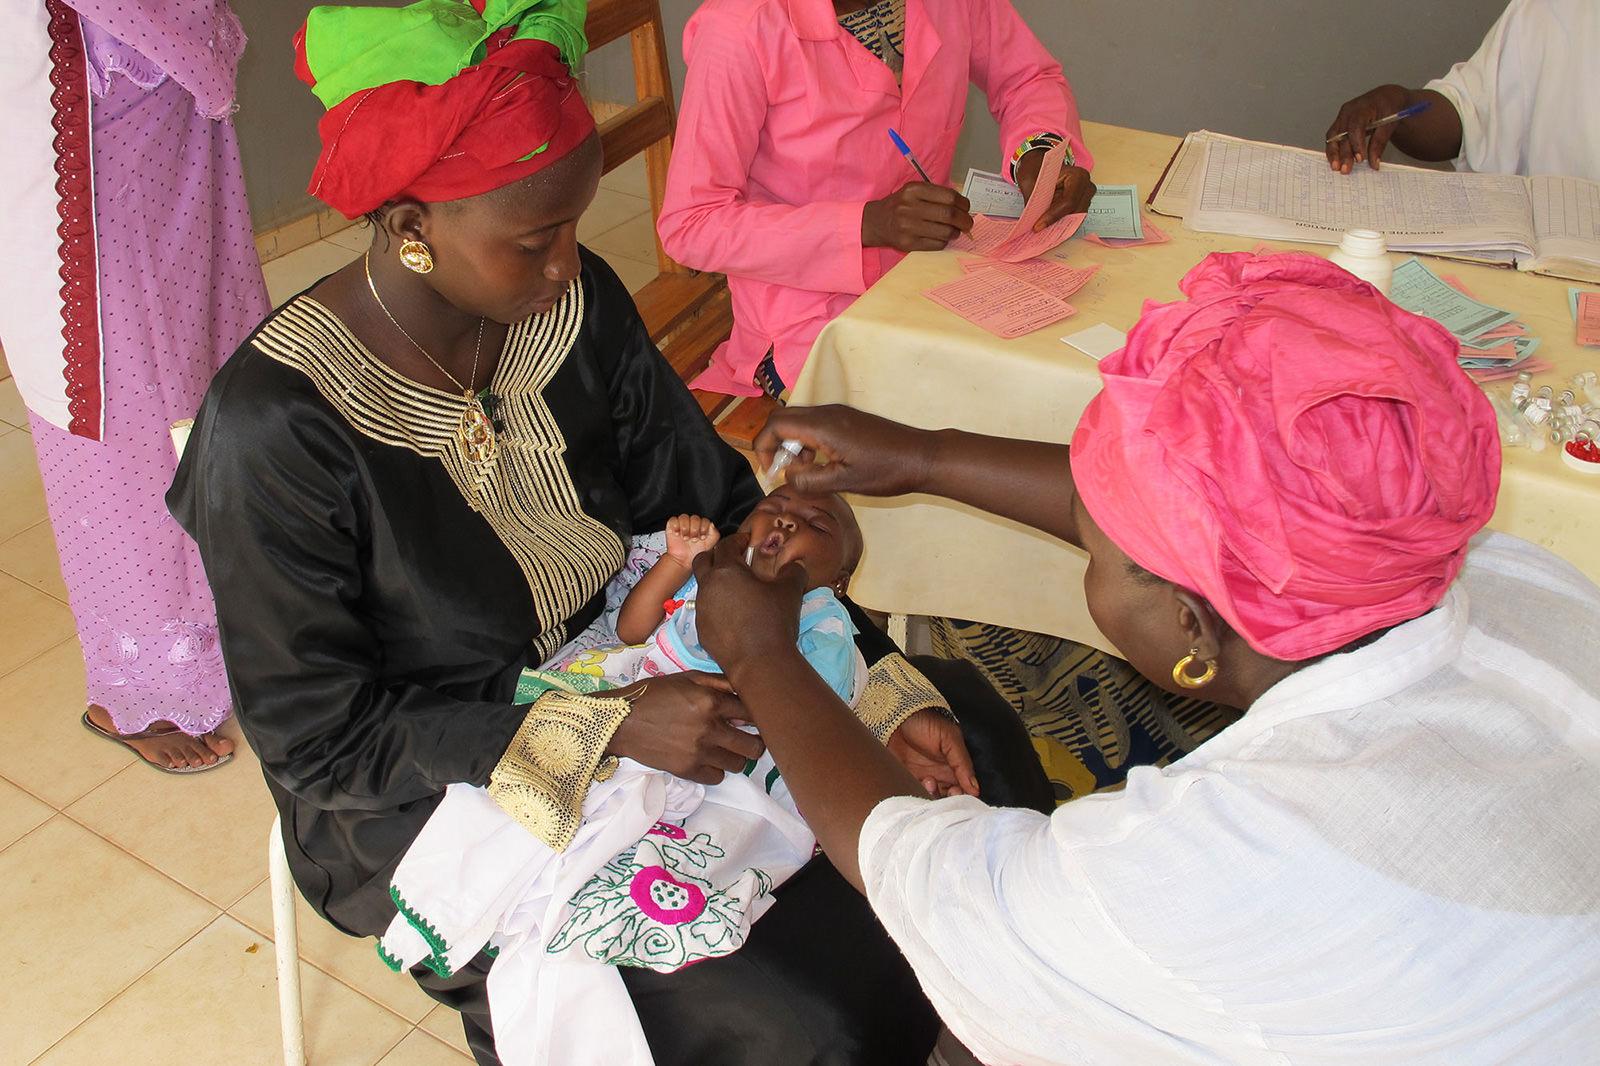 In einem malischen Gesundheitszentrum werden Mutter und Kind versorgt